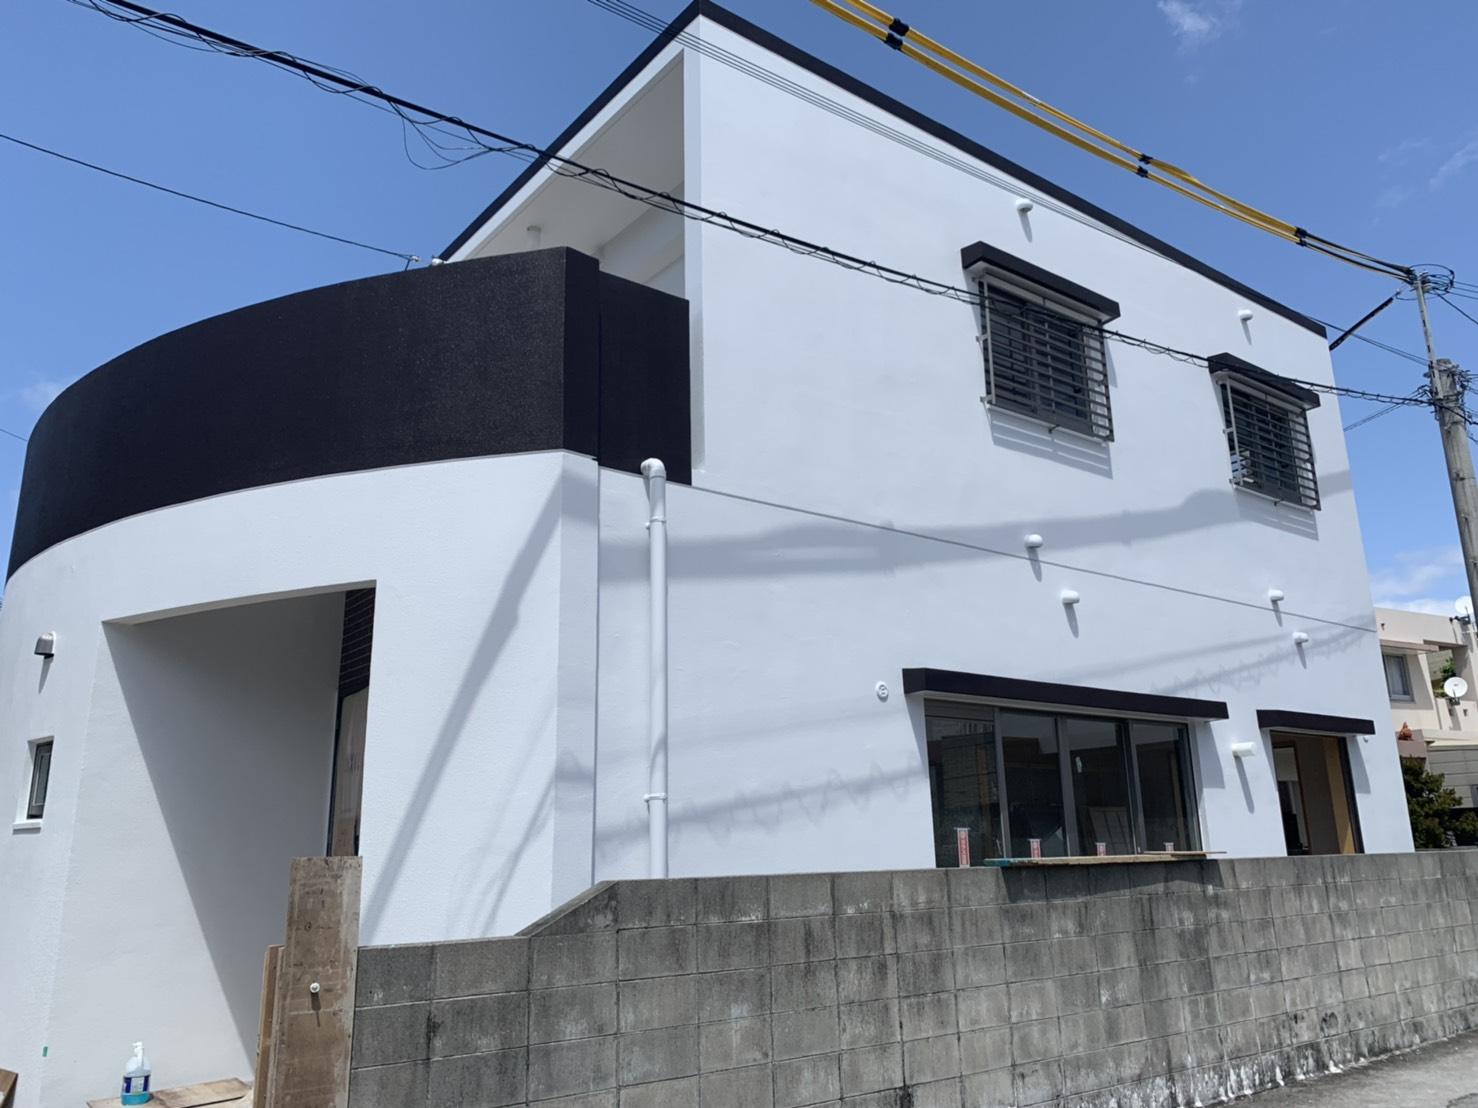 那覇市松川にて【フレキシブルな間取りの家】が完成しました☆ オープンハウス&無料住宅相談会を開催!